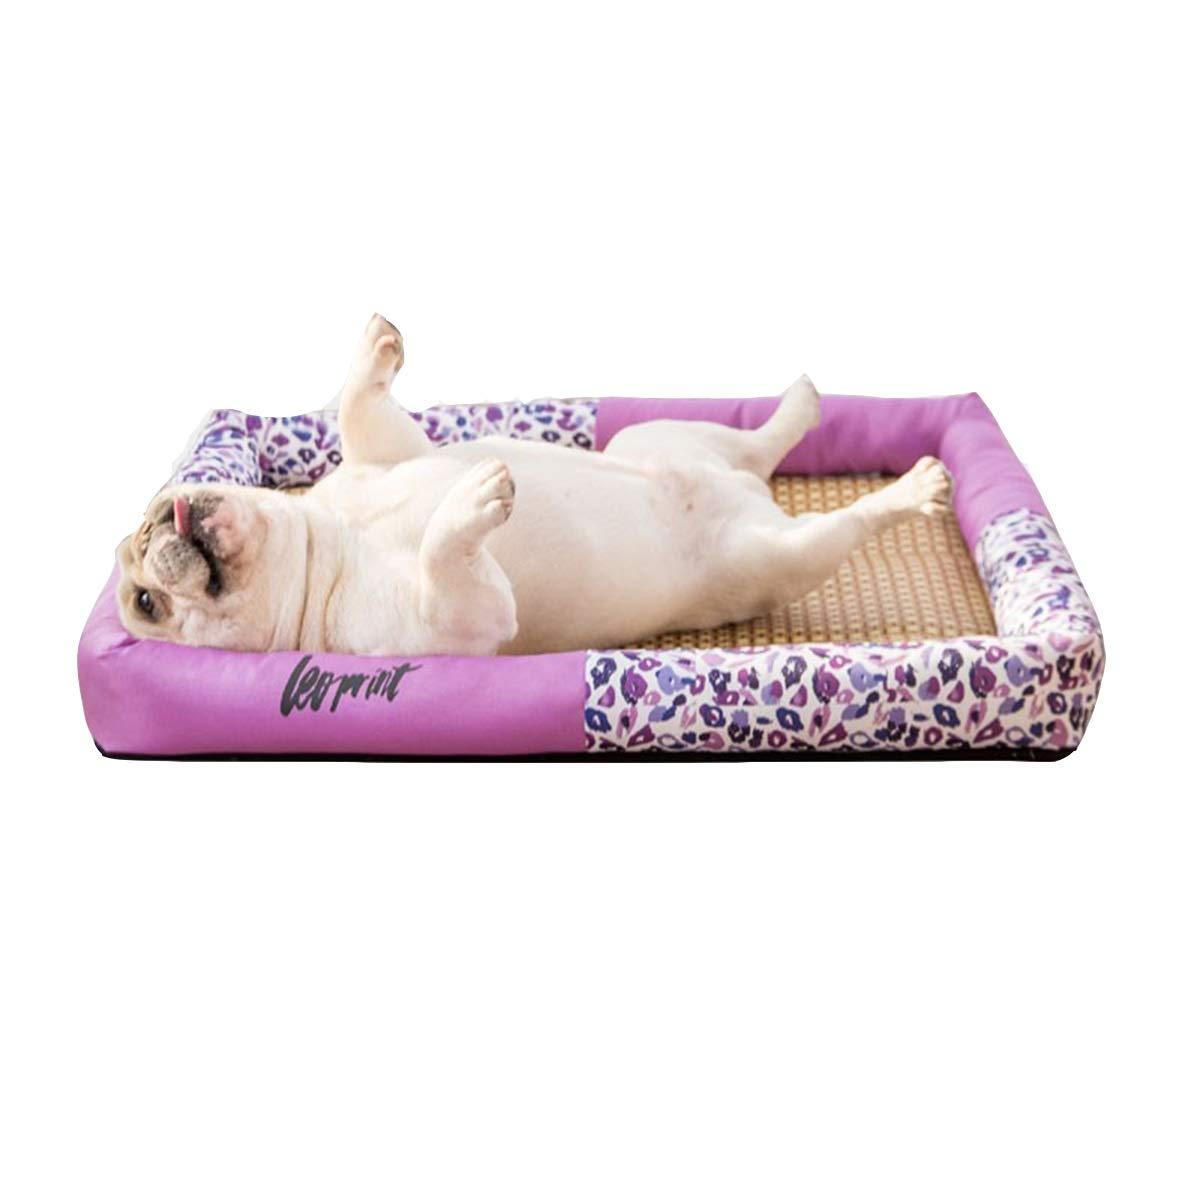 Purple S Purple S Kennel Summer Cool nest, Small Dog Kennel, Summer Cool mat Bed, Medium Dog, Dog pet cat Litter, Leopard Print, 4 colors Optional (color   Purple, Size   S)